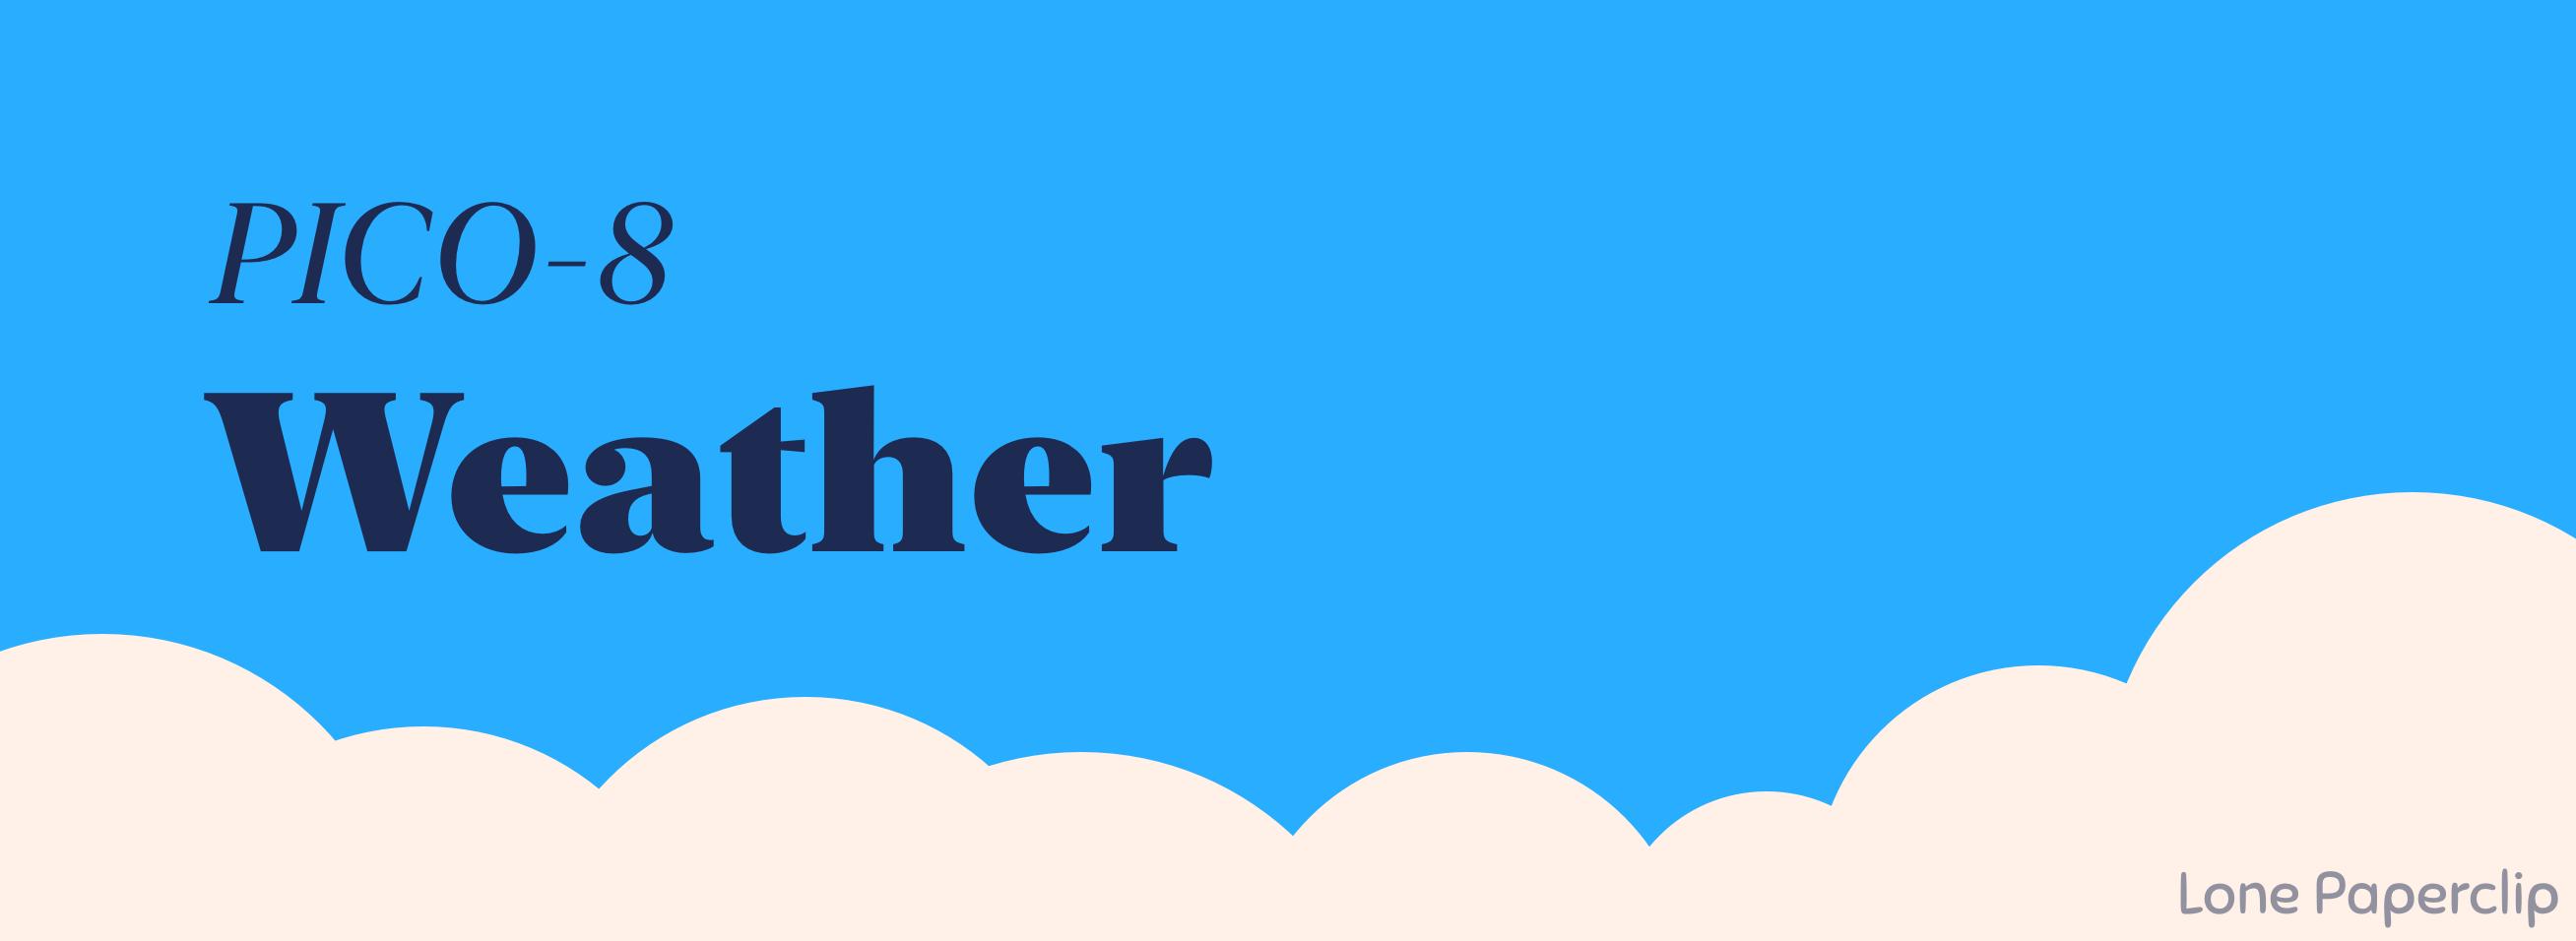 Pico-8 weather